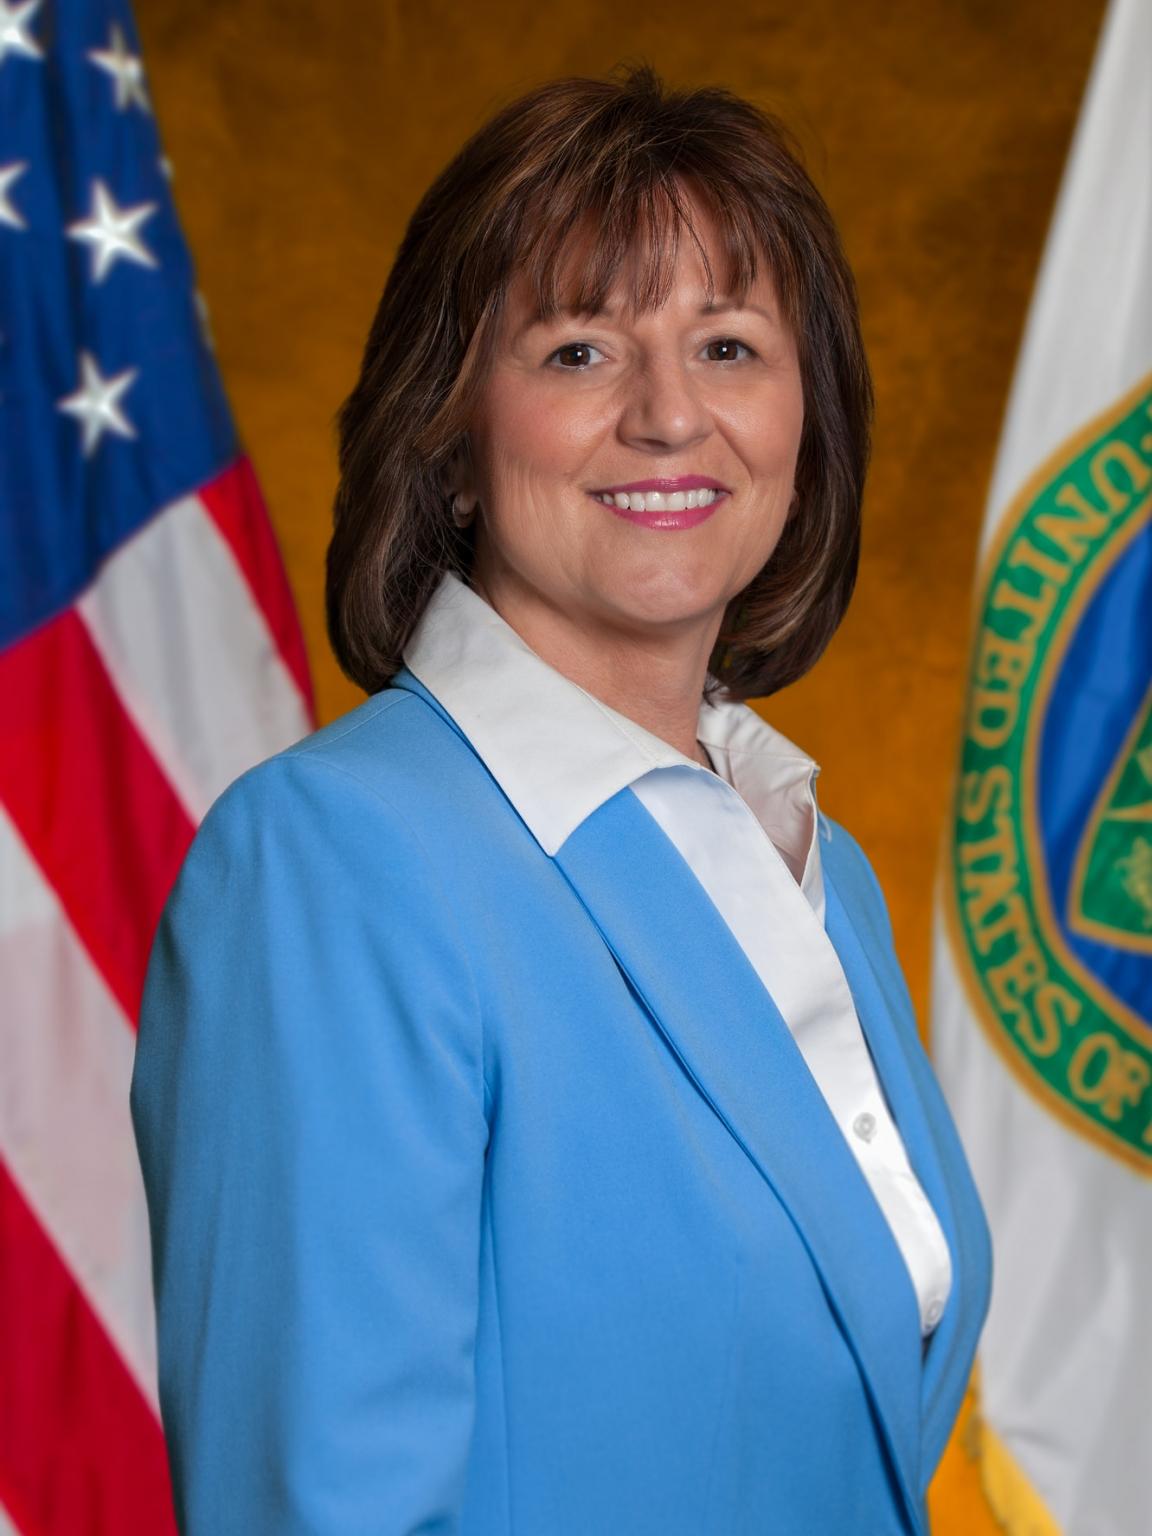 Grace Bochenek - Wikipedia